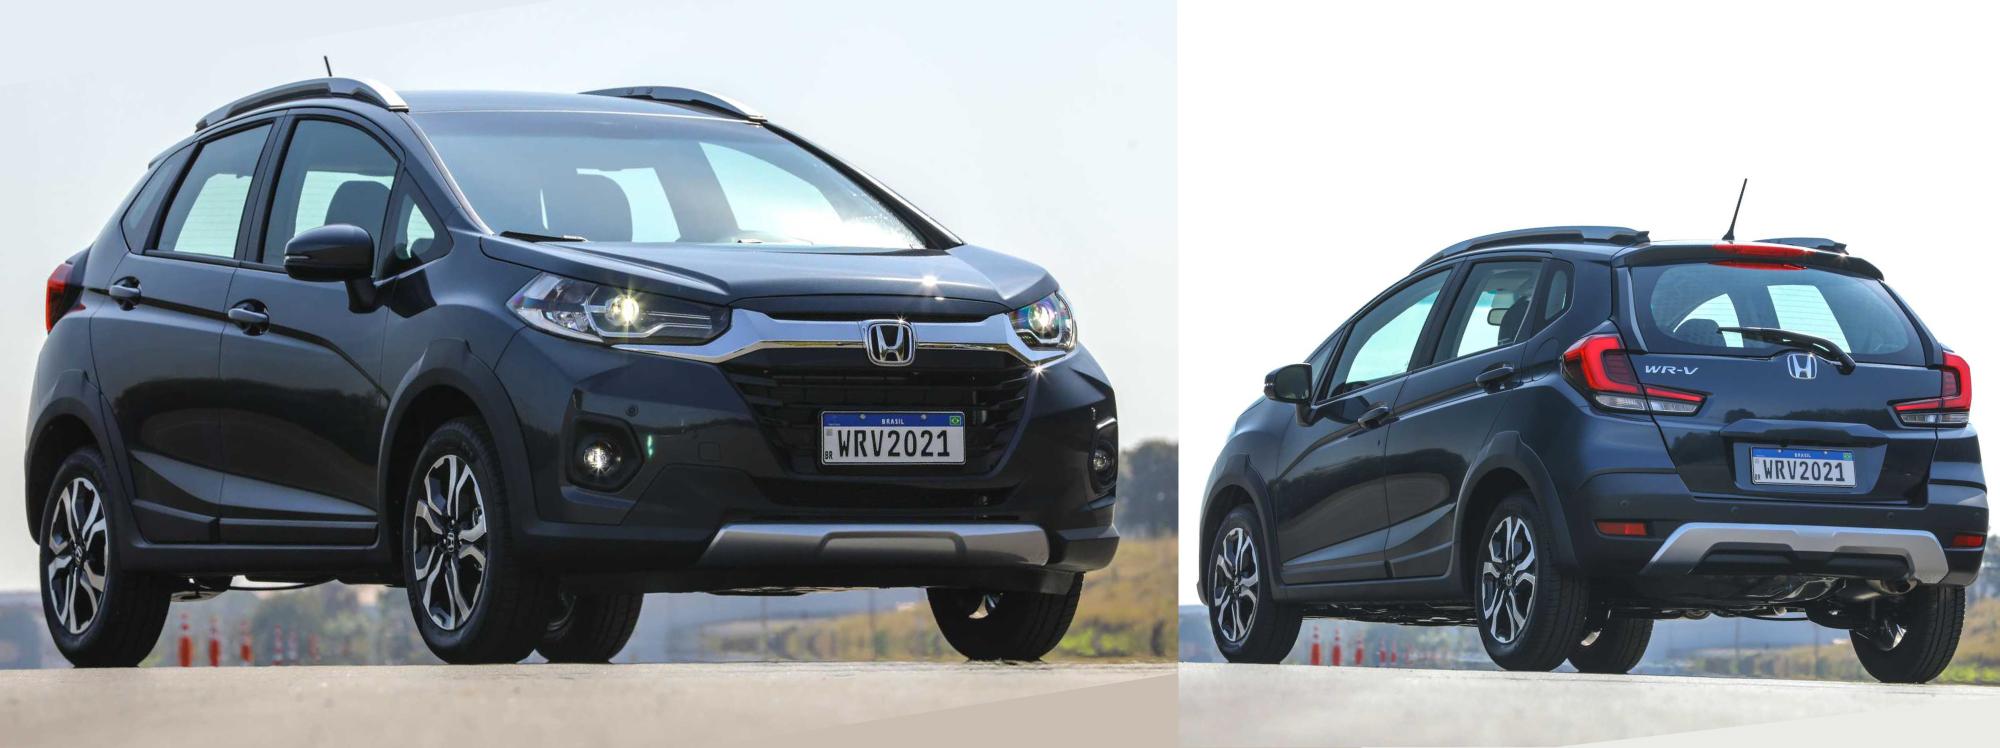 El nuevo Honda WR-V 2021 ya tiene control electrónico de estabilidad